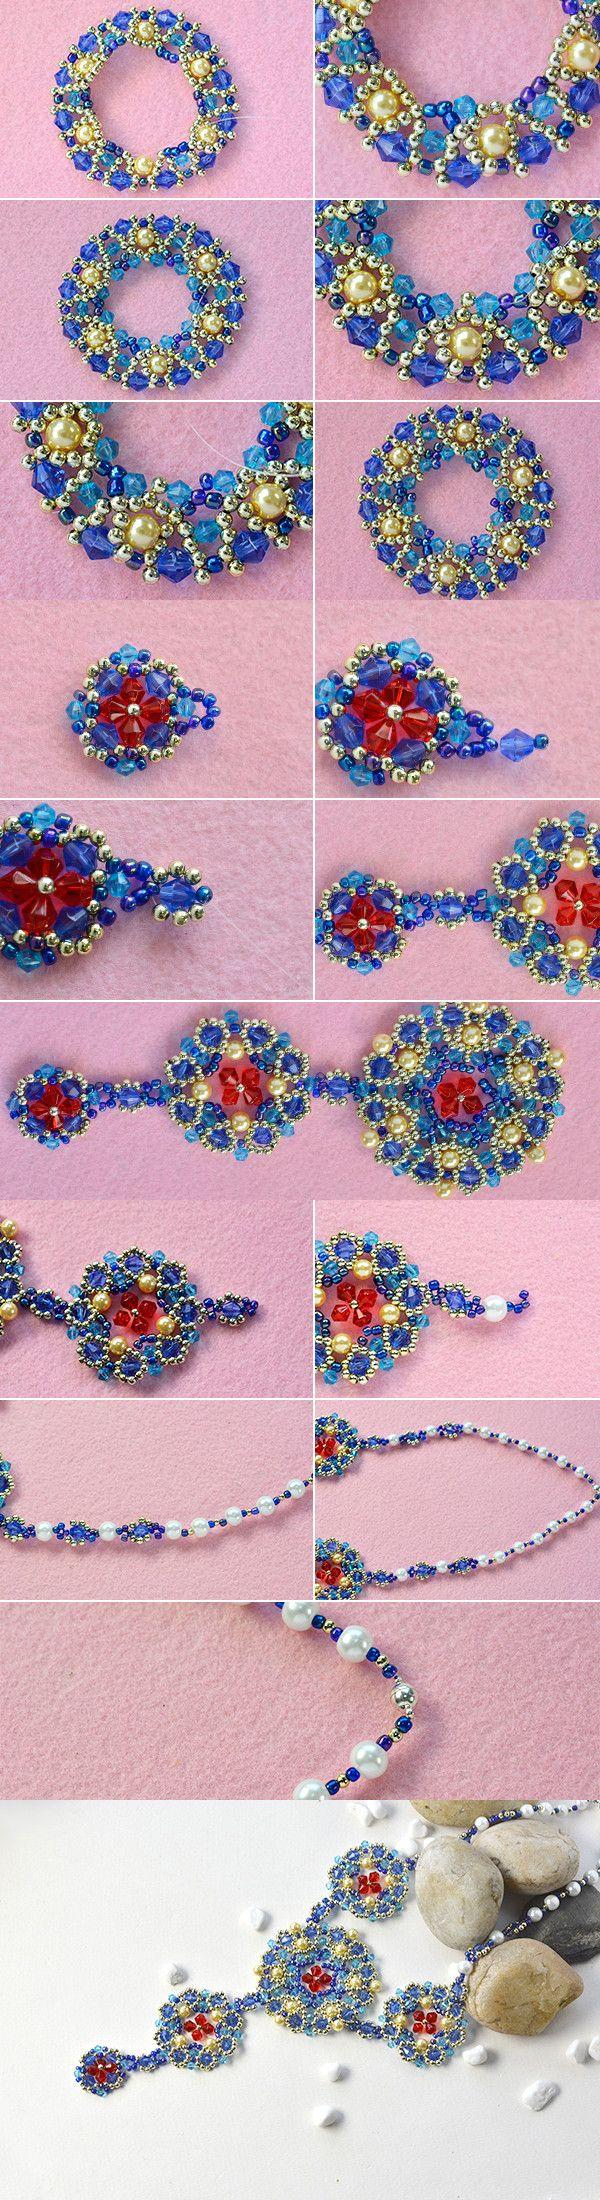 beaded pendant necklace, wanna it? LC.Pandahall.com will publish the tutorial soon. #pandahall